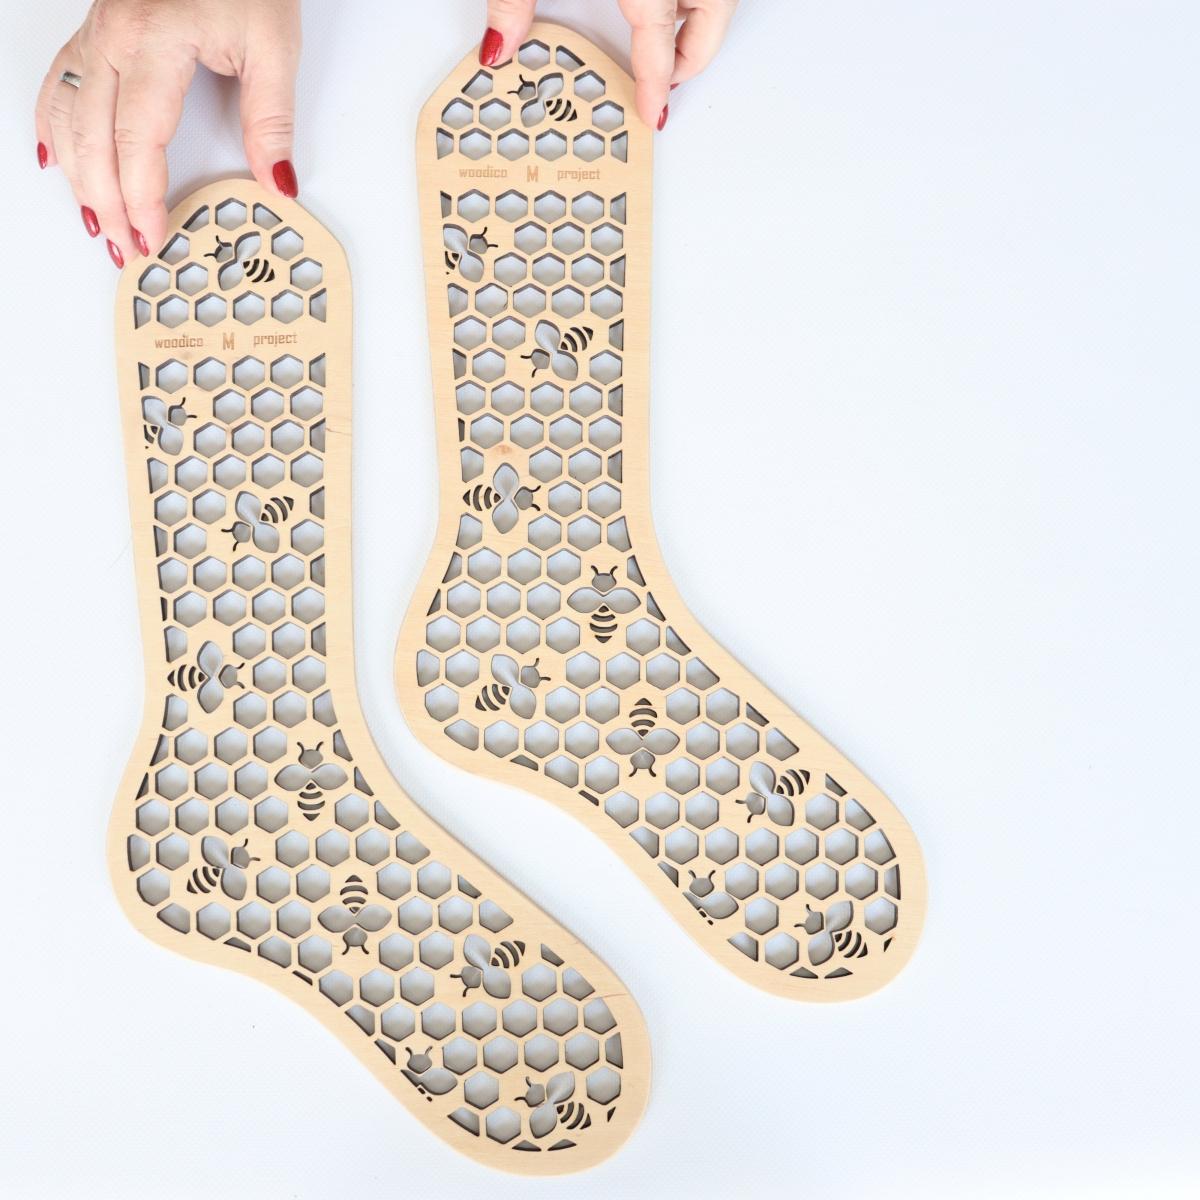 woodico.pro wooden sock blockers hooneycomb 6 1200x1200 - Wooden sock blockers / Honeycomb